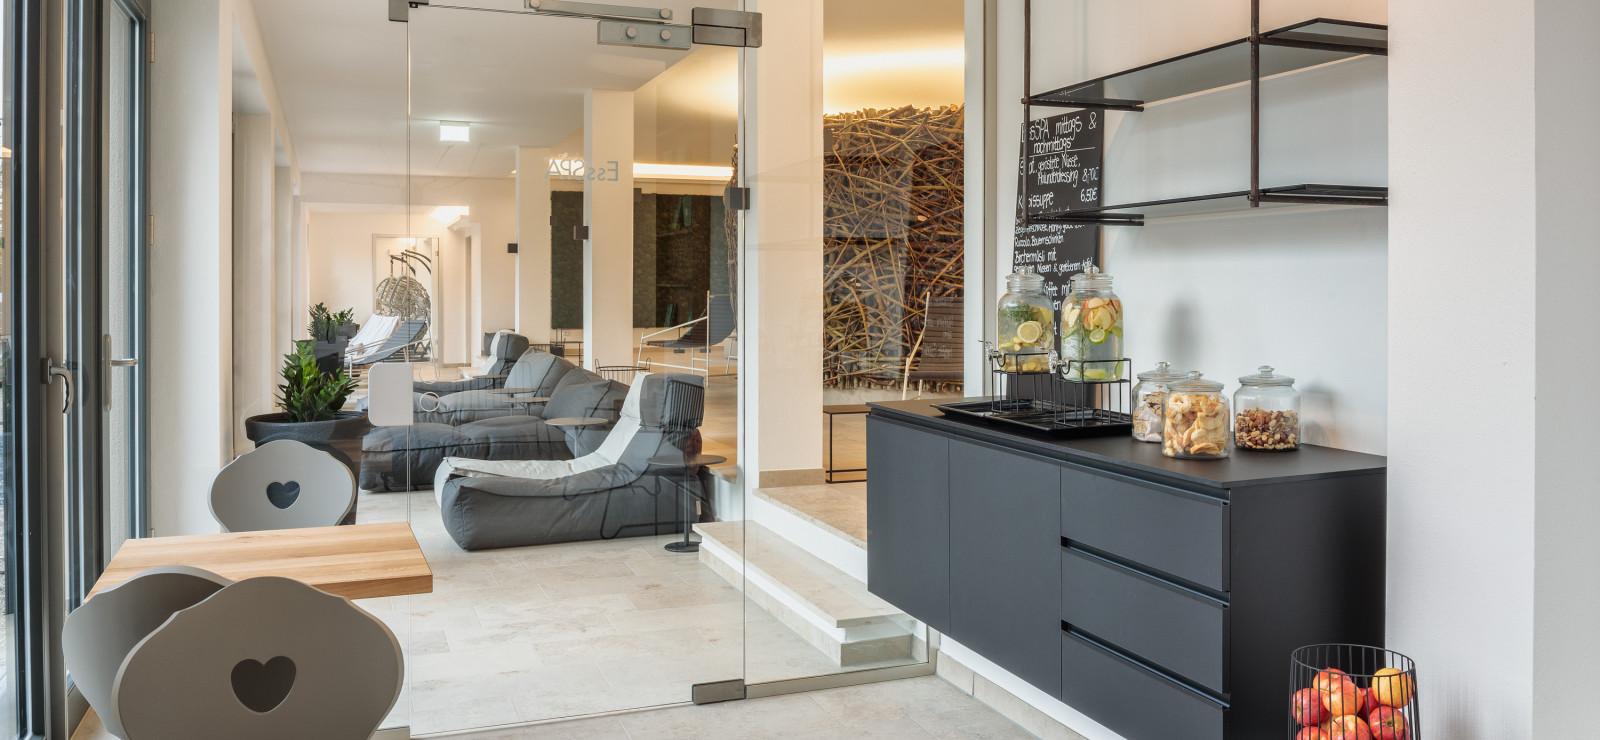 Romantik Hotel Hirschen Bilder | Bild 1